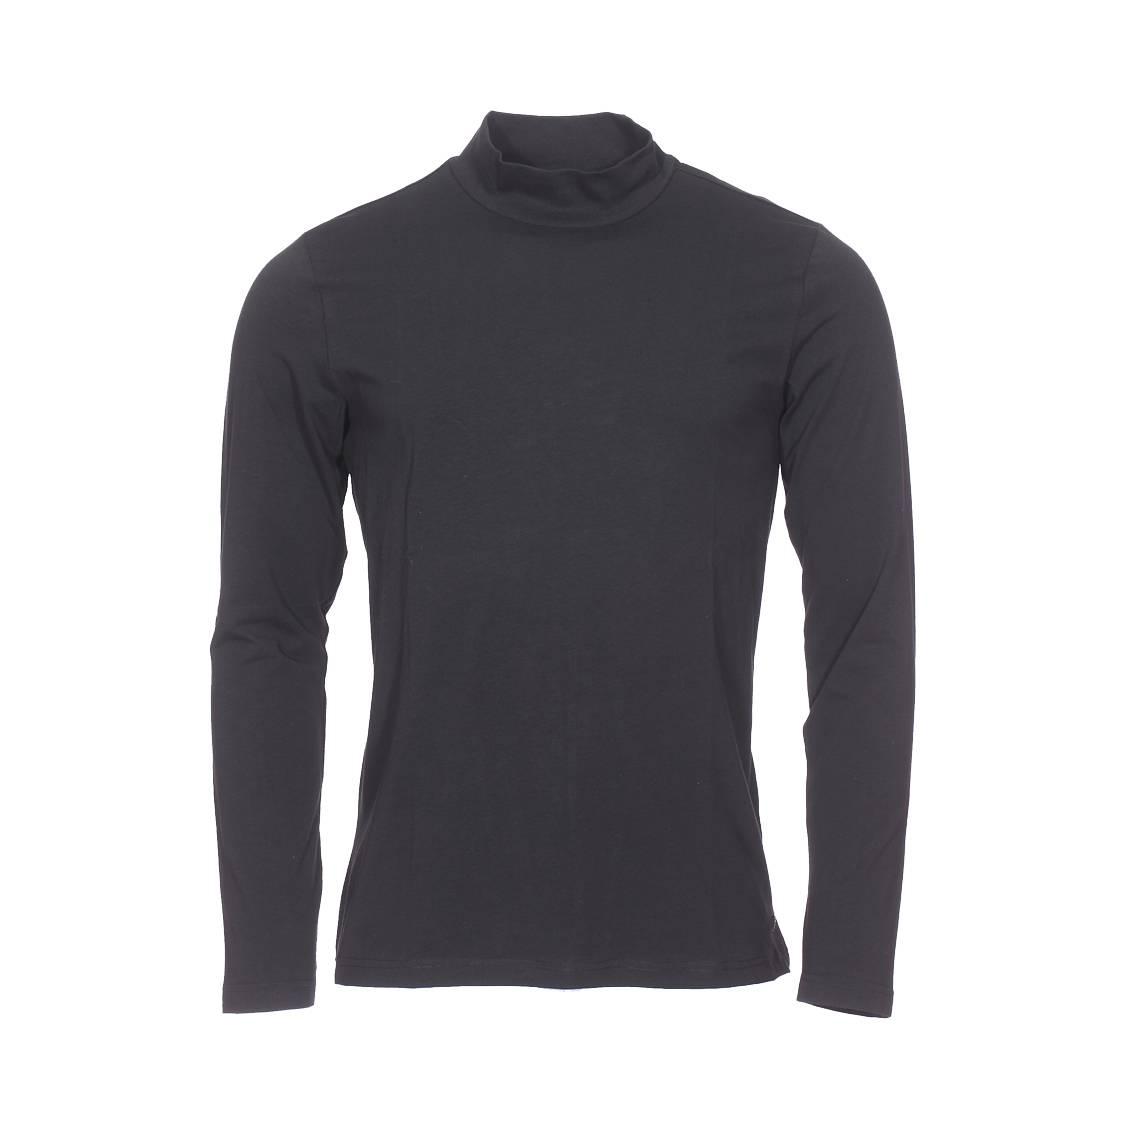 Tee-shirt col montant manches longues  en coton stretch noir